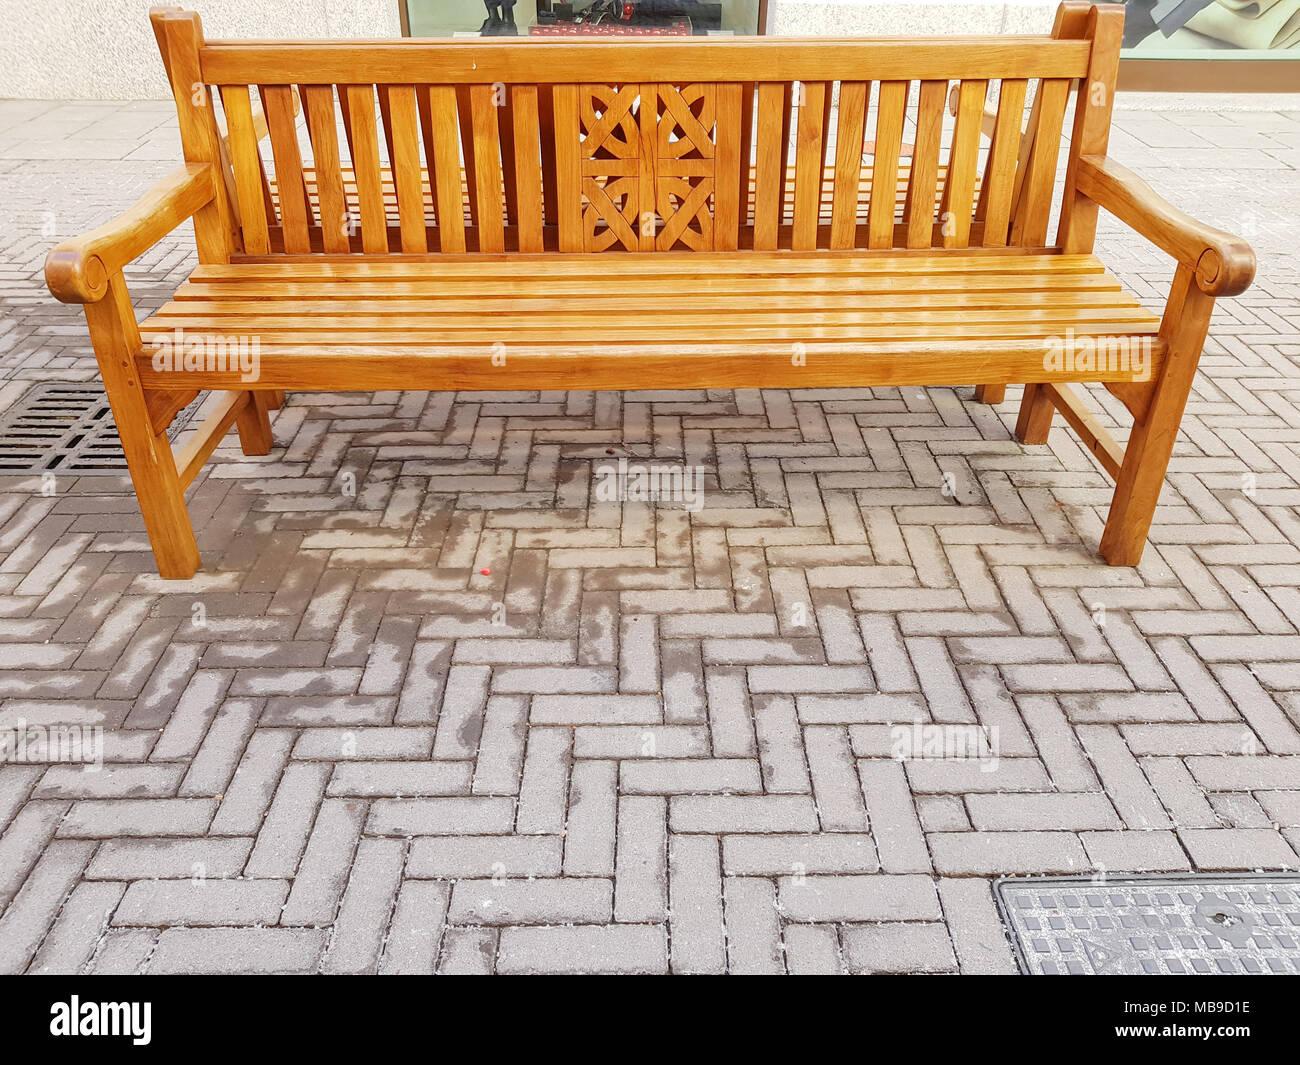 Banc bois extérieur pour s'asseoir sur le sol en ciment, dans centre commercial, banc dans le couloir pour s'asseoir dans la nature. Photo Stock